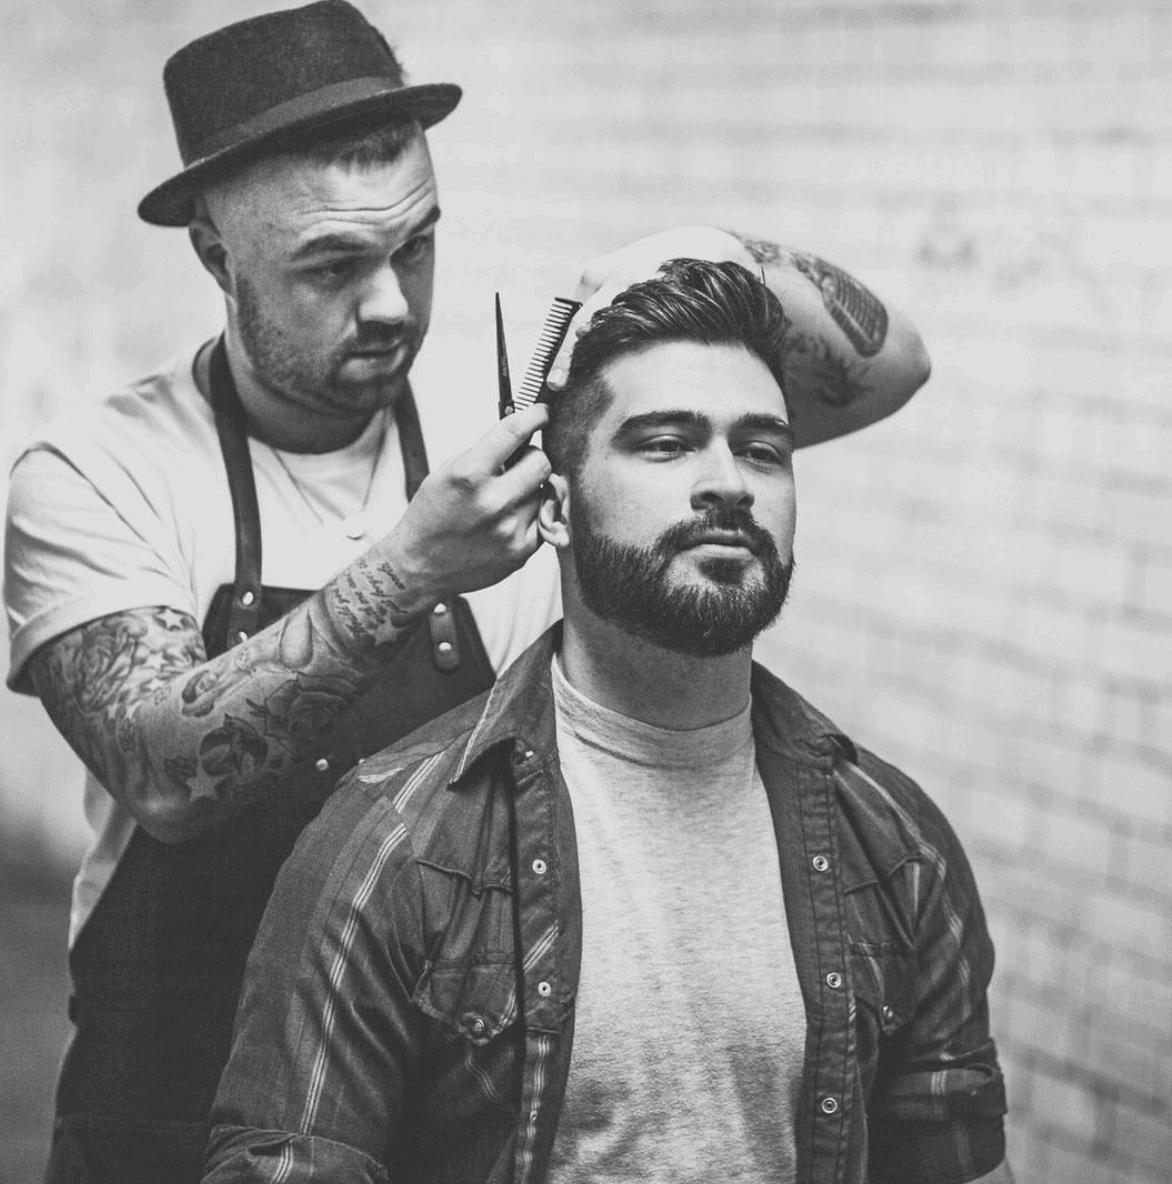 man getting beard trim